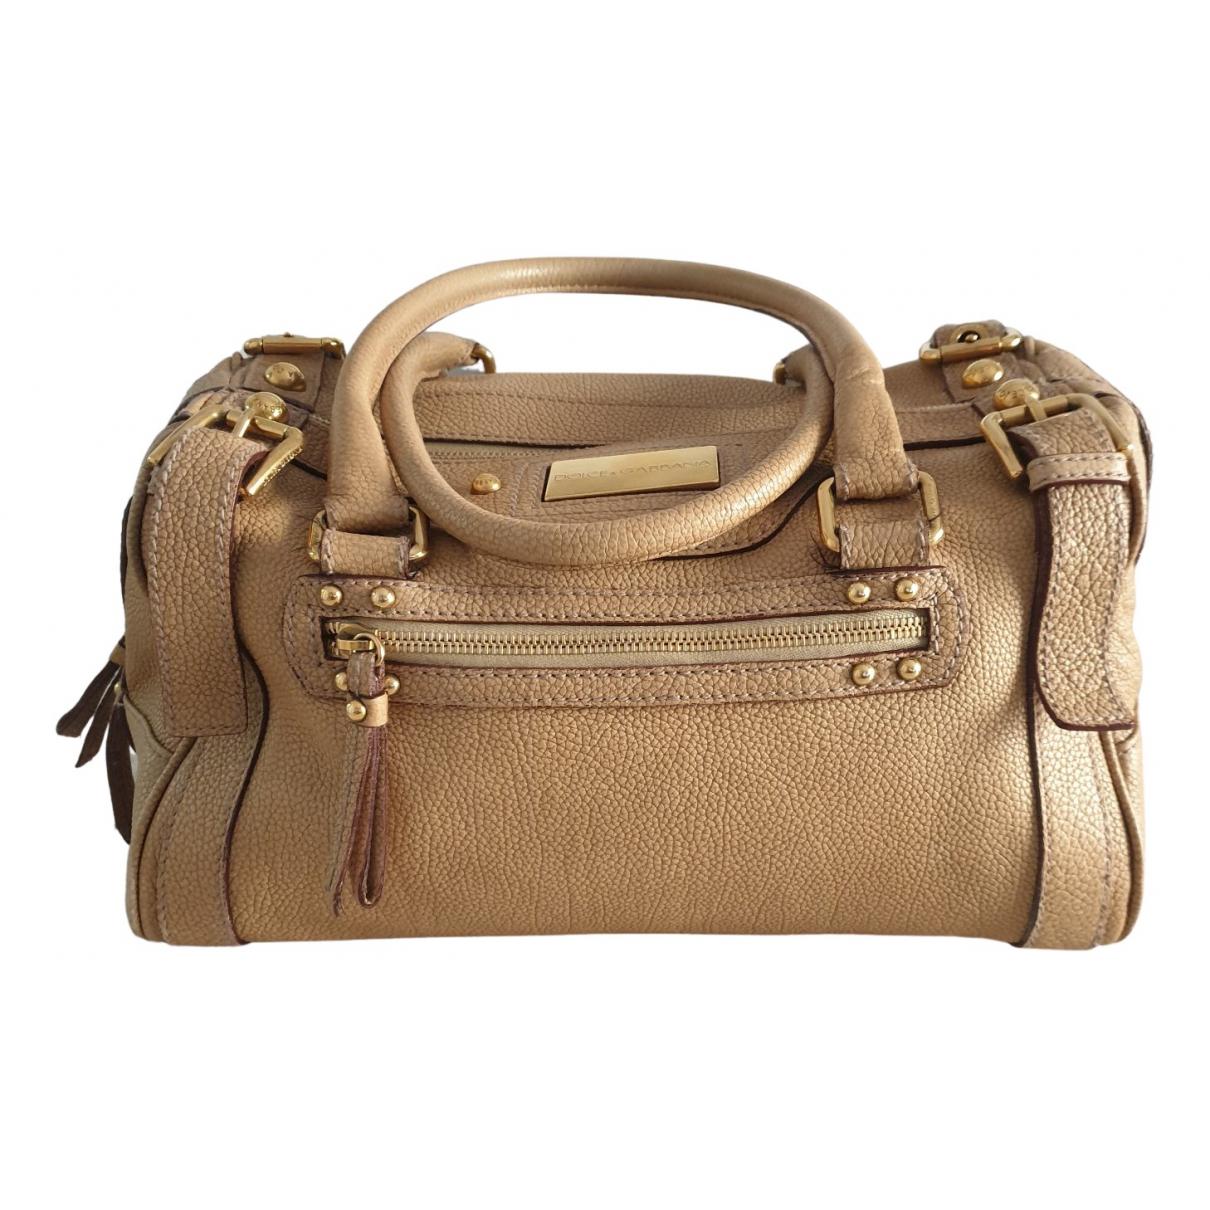 Dolce & Gabbana - Sac a main   pour femme en cuir exotique - beige